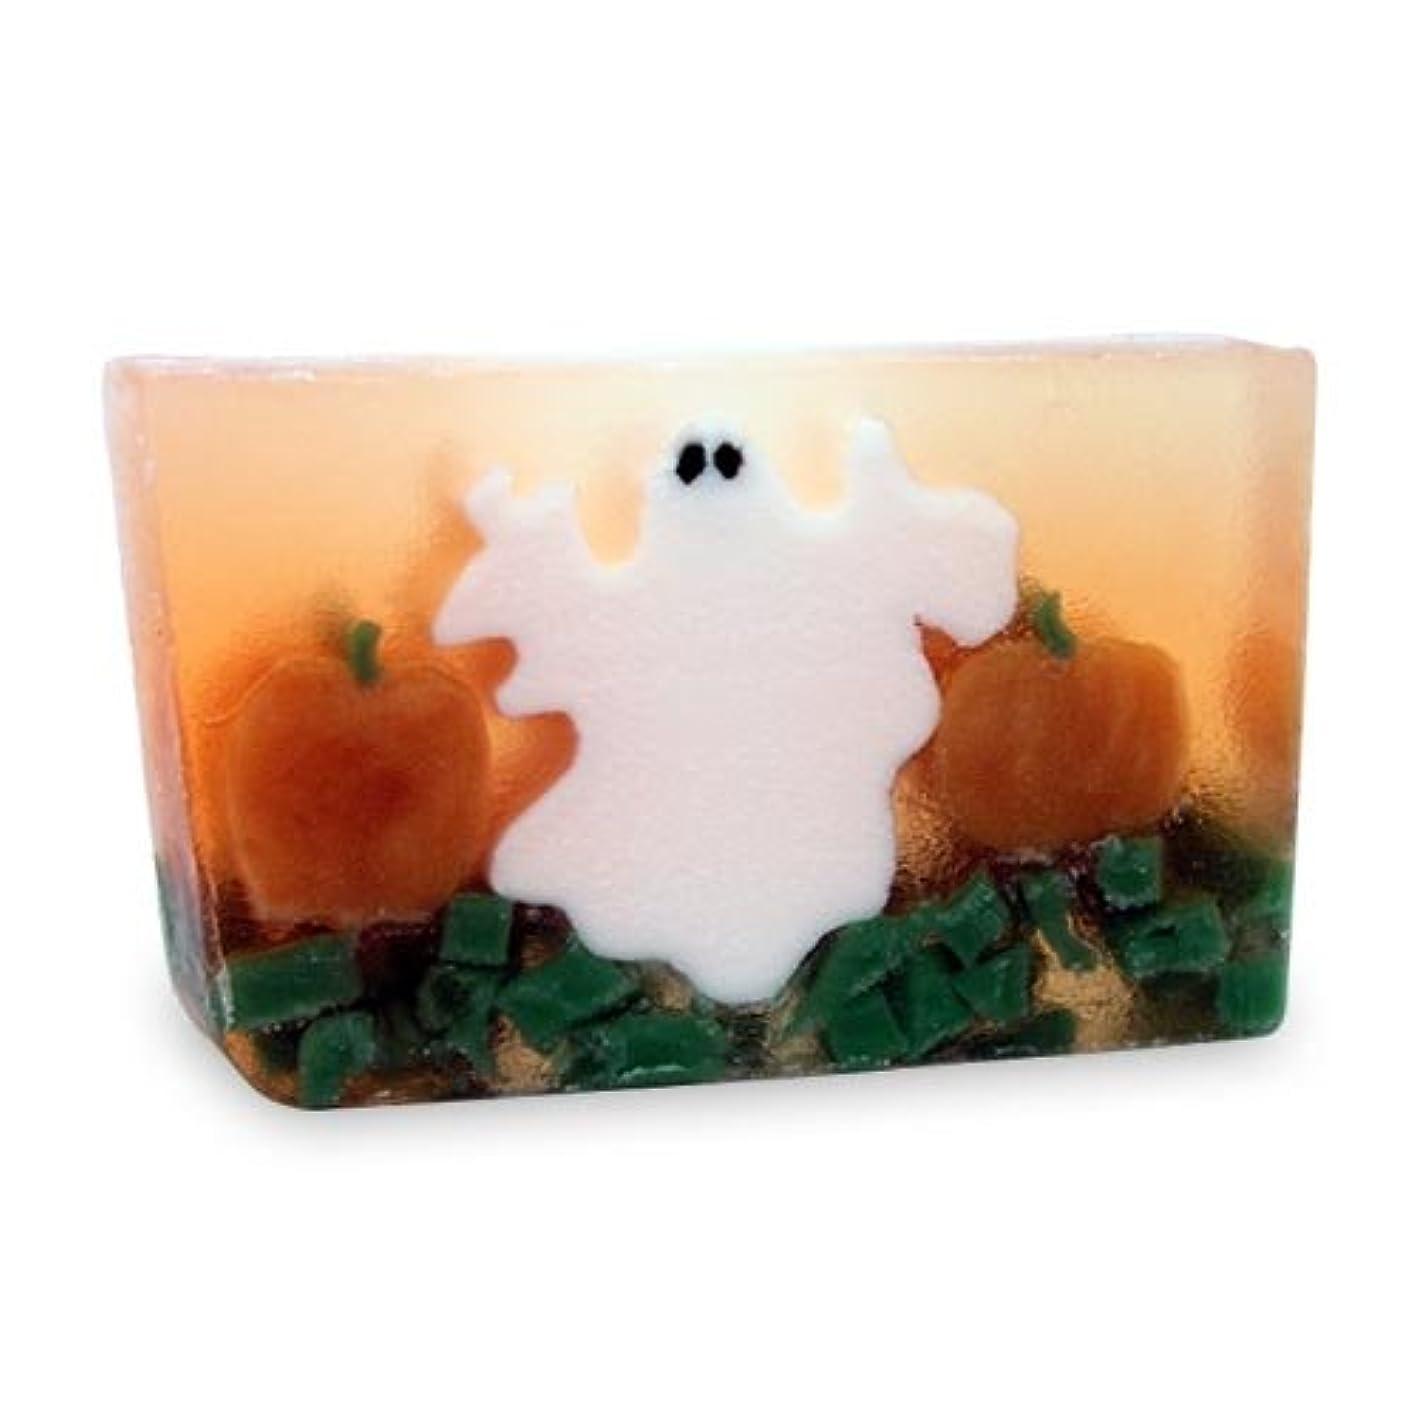 謎めいた真面目な再生的プライモールエレメンツ アロマティック ソープ ゴースト 180g ハロウィンにおすすめ植物性のナチュラル石鹸